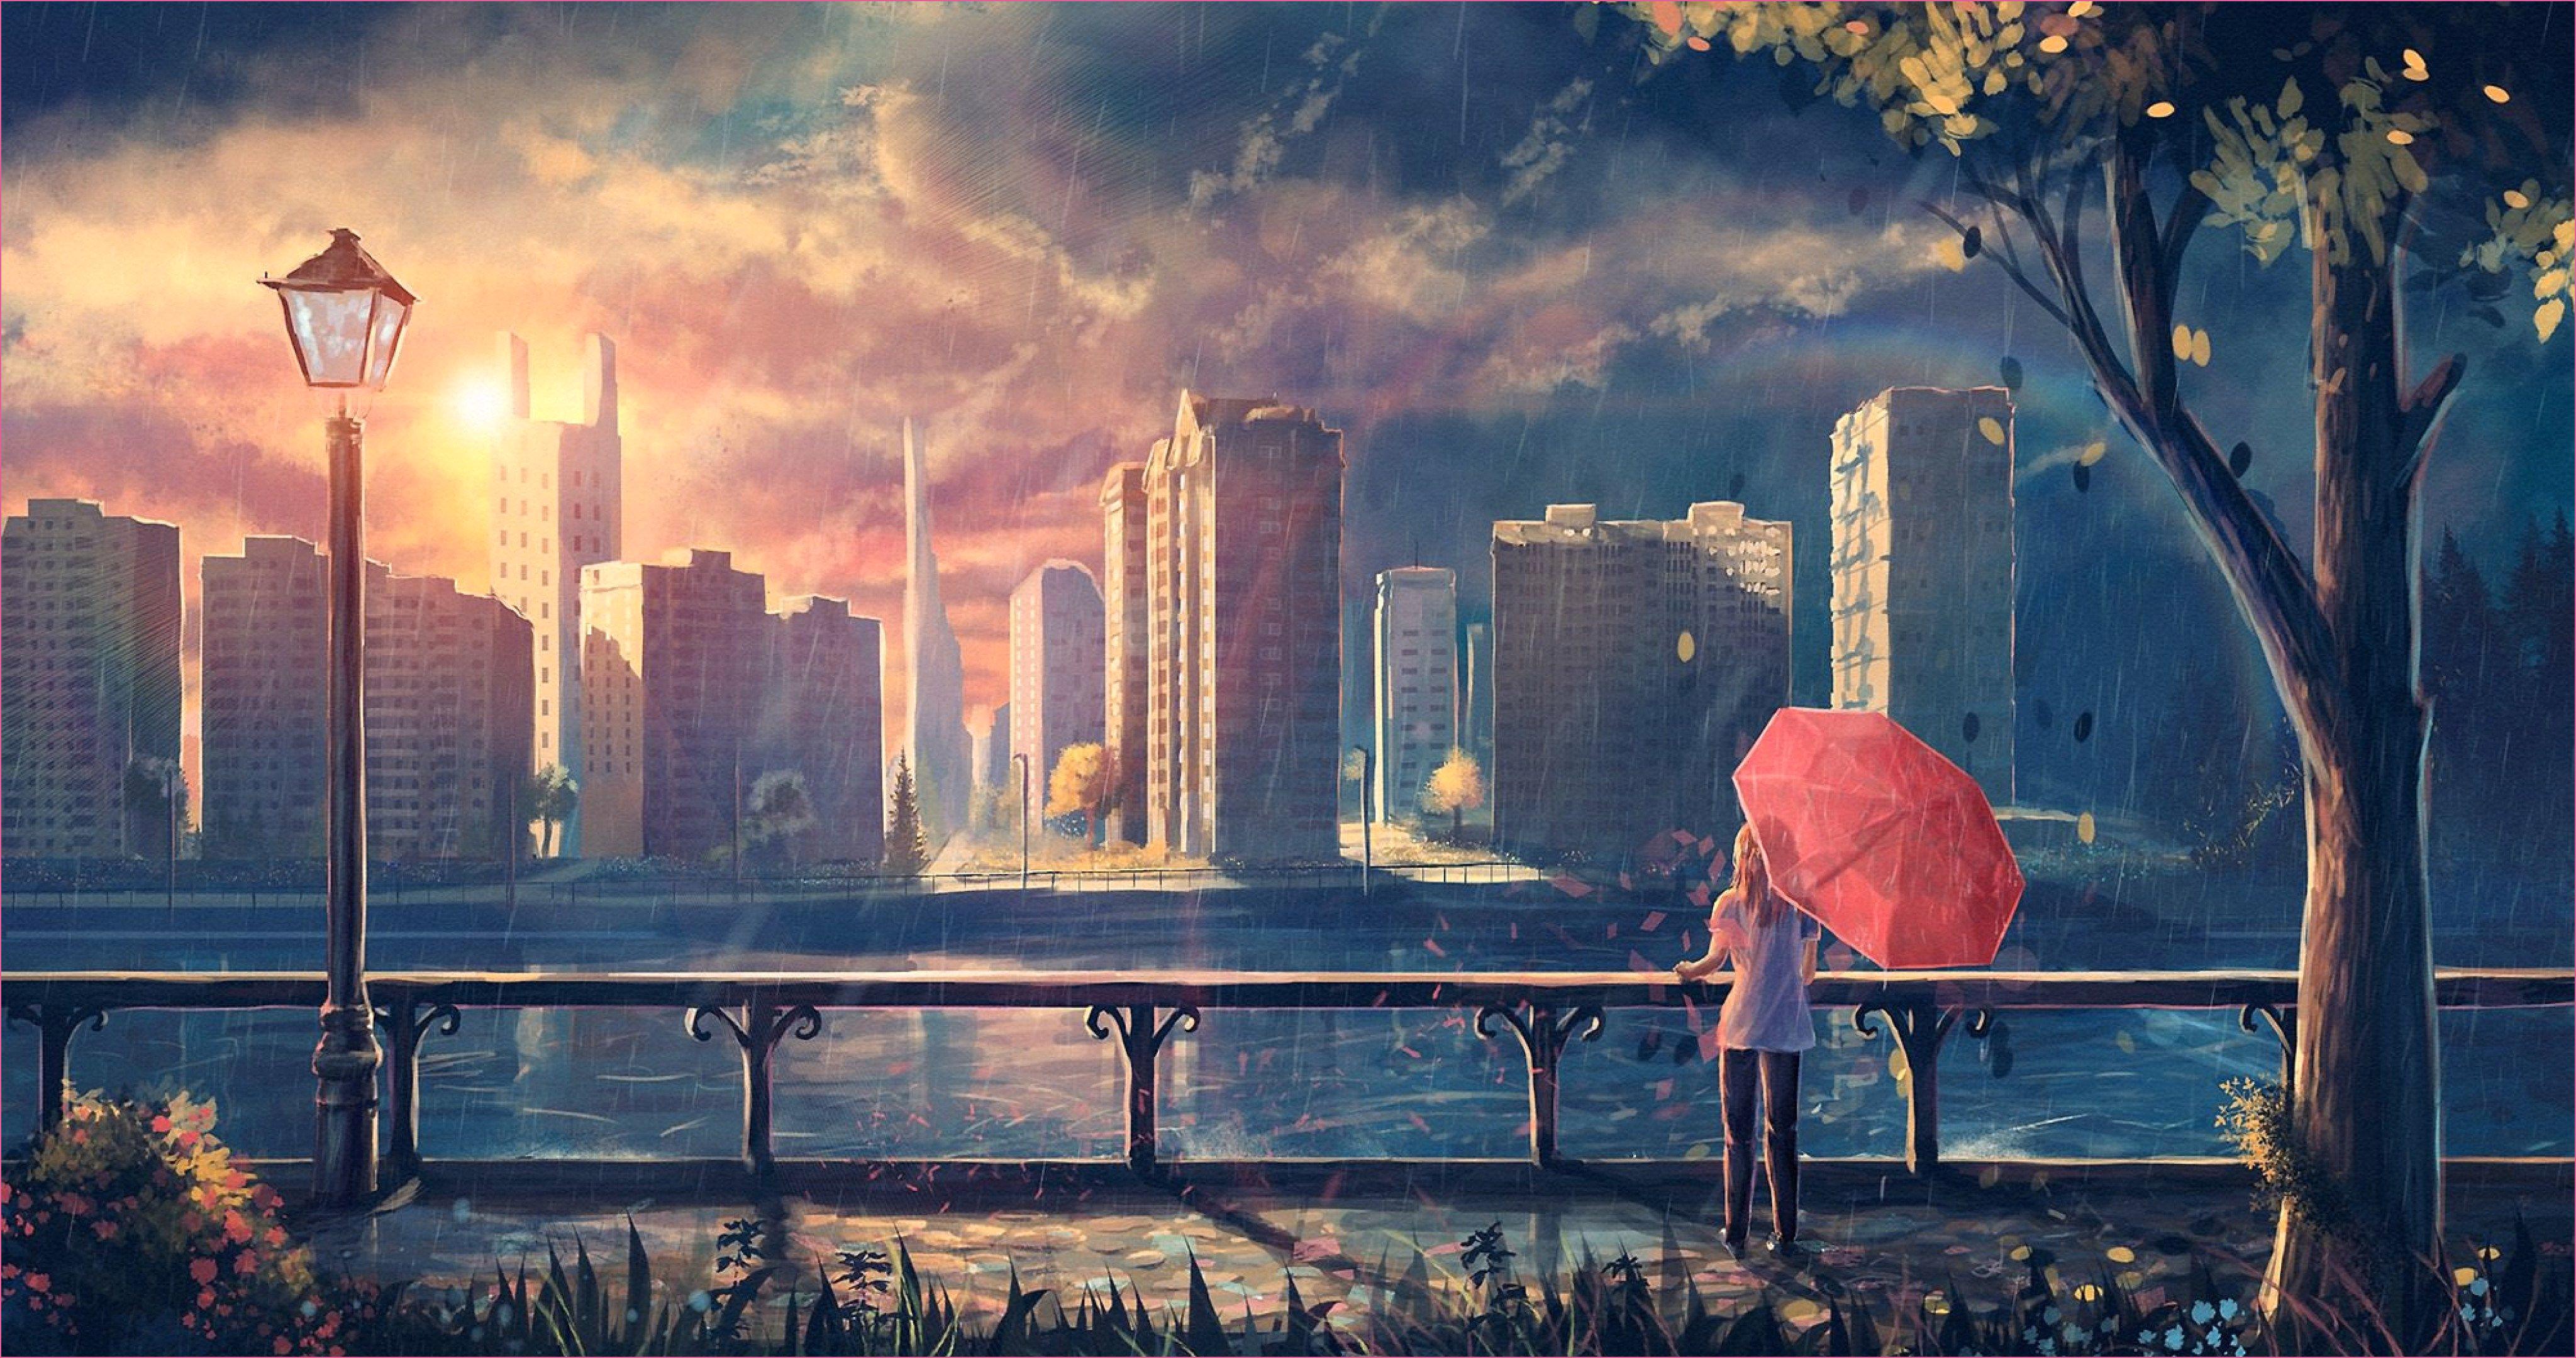 Landschaft Wallpaper Art City 4k Ultra Hd Wallpaper - Anime City Wallpaper 4k - HD Wallpaper